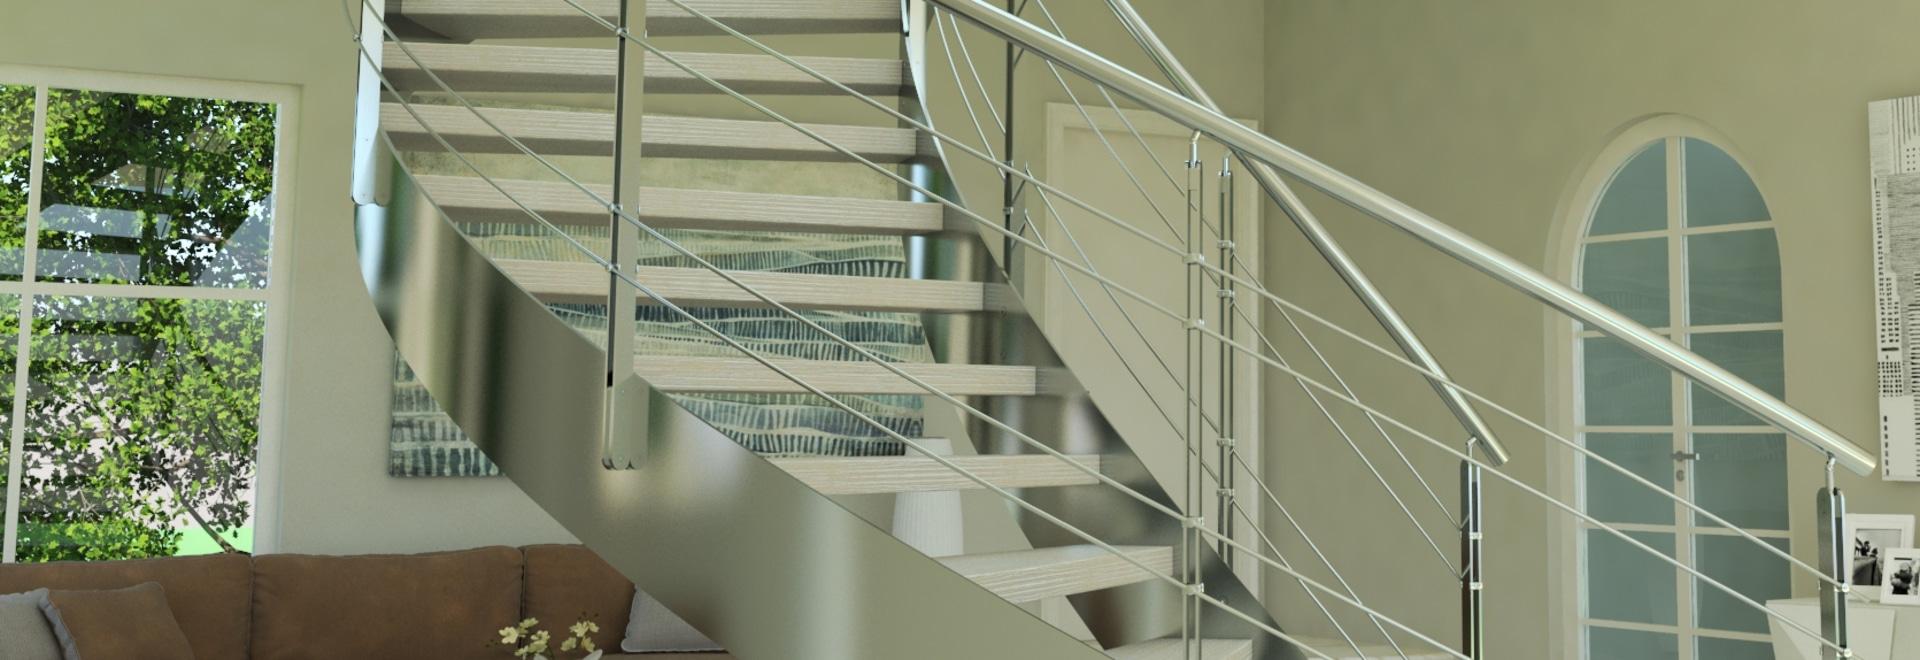 HeliKa inox- Stairs to live